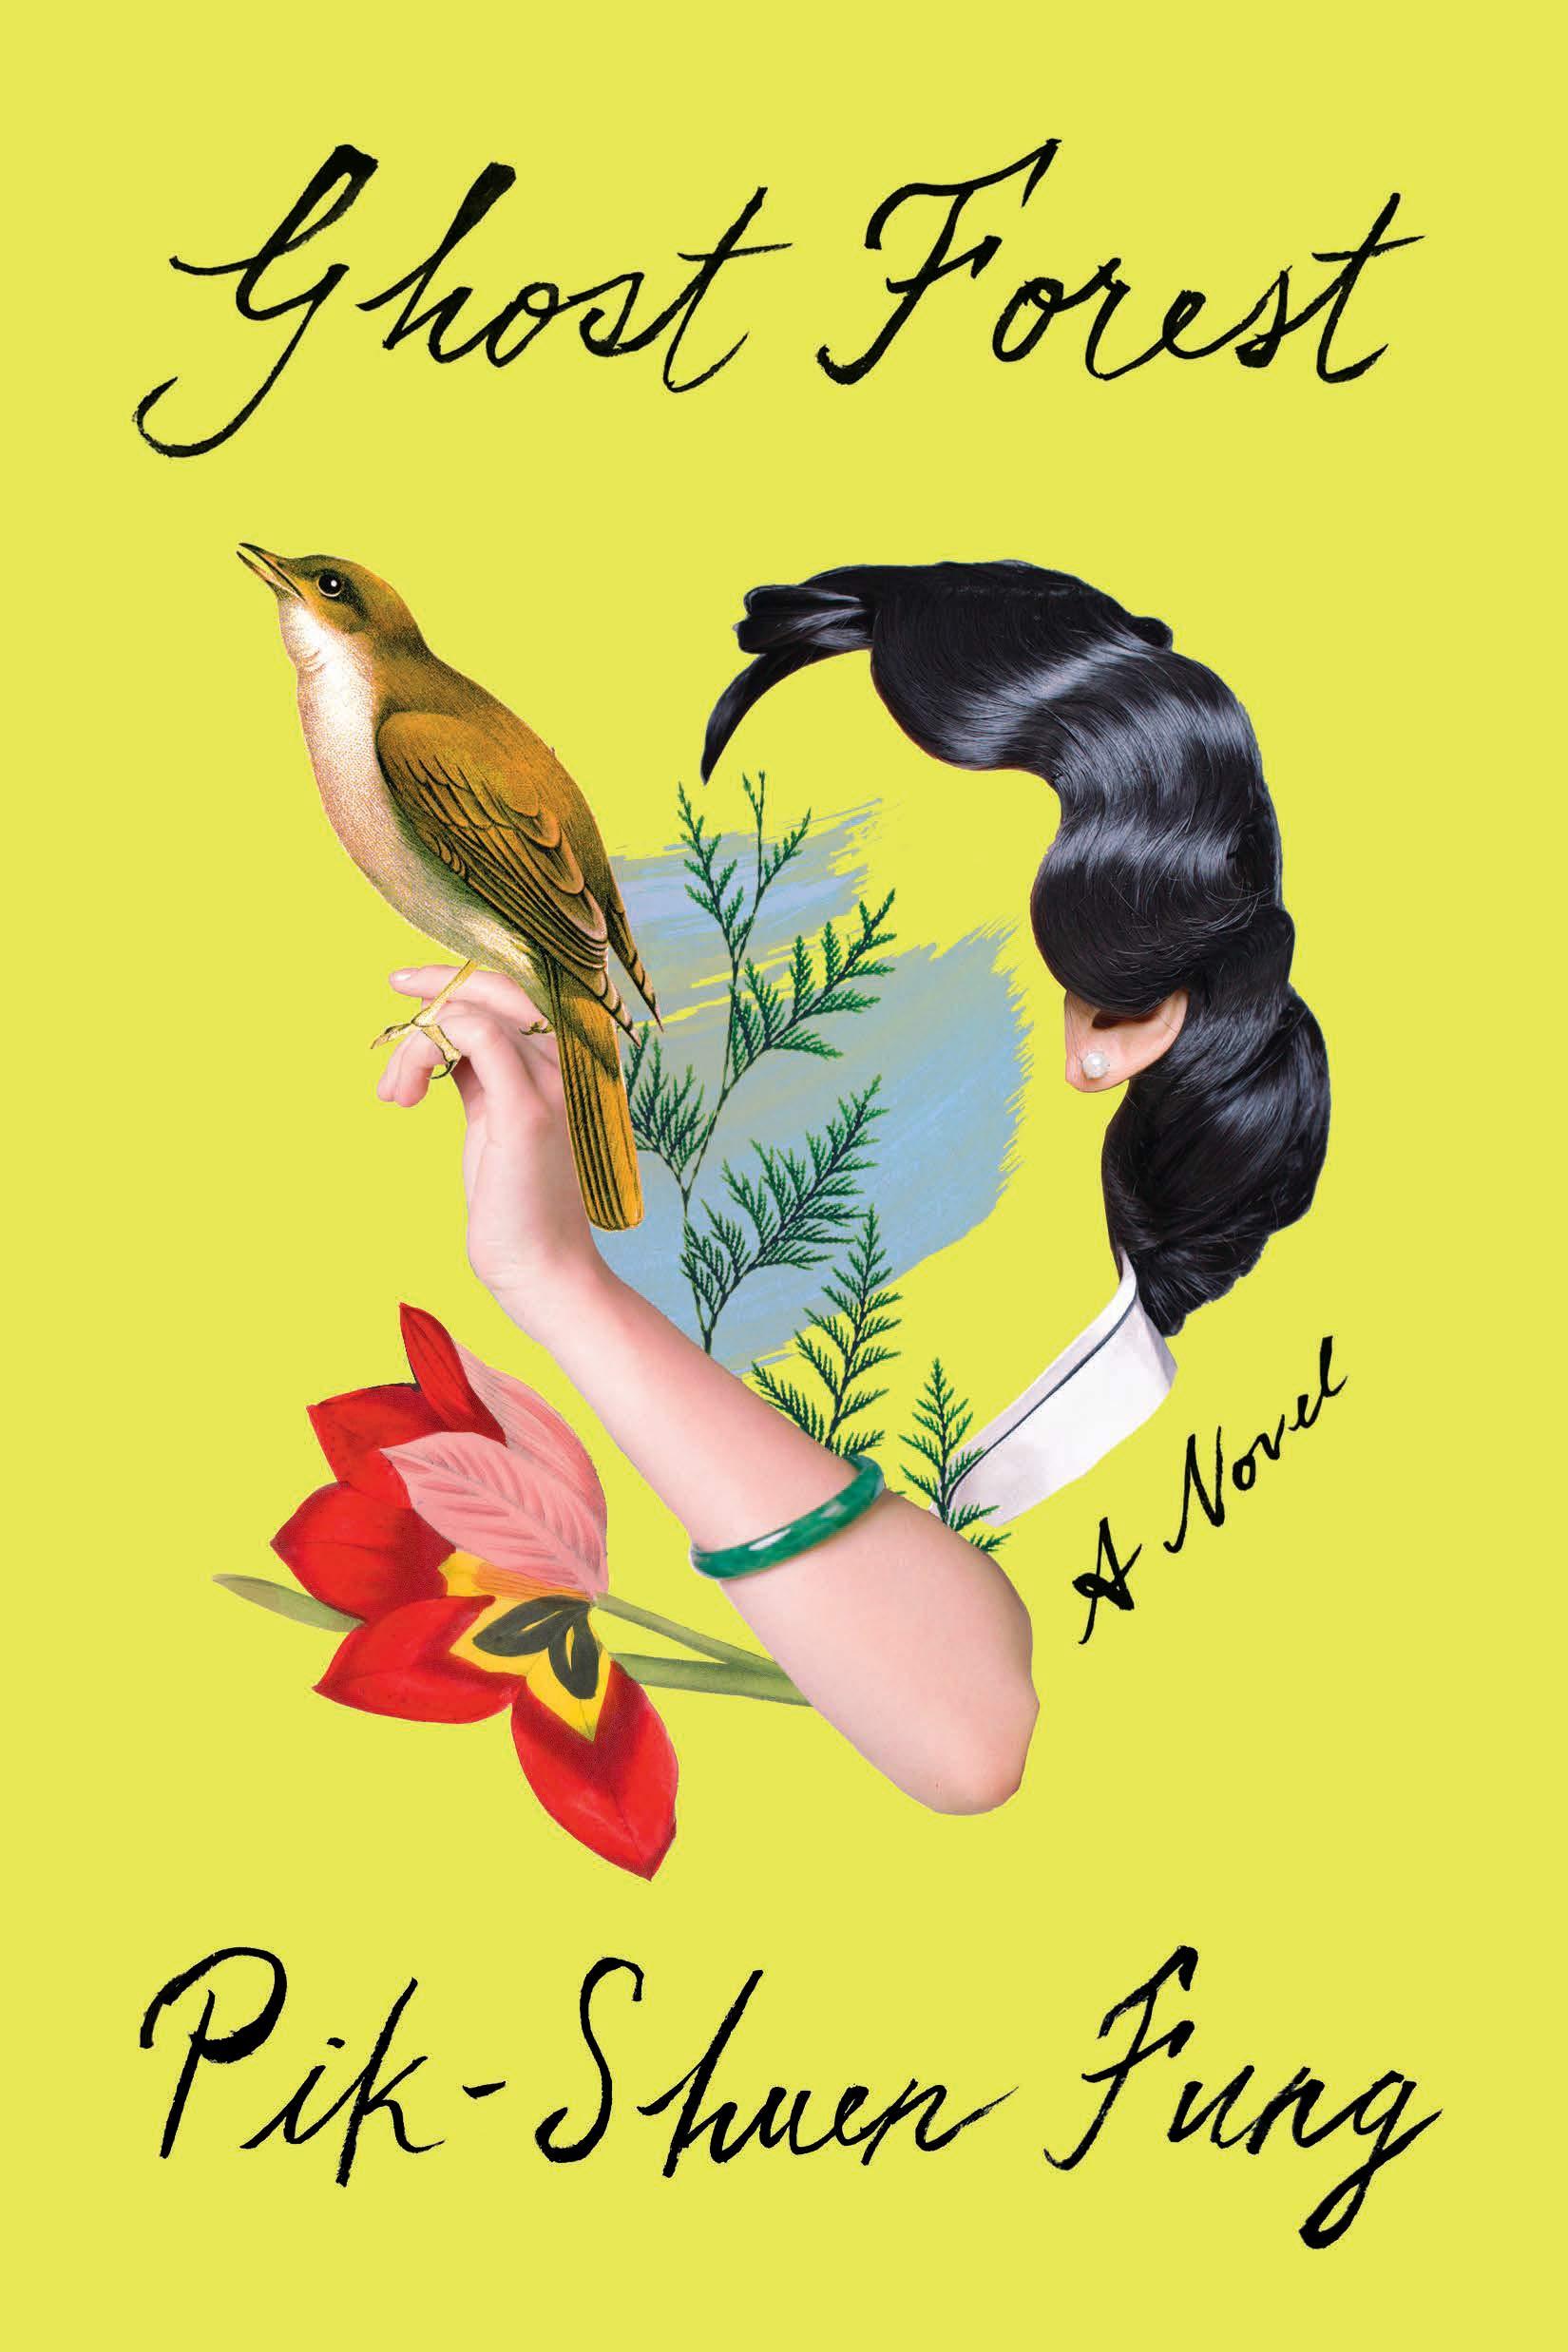 Amazon.com: Ghost Forest: A Novel (9780593230961): Fung, Pik-Shuen: Books